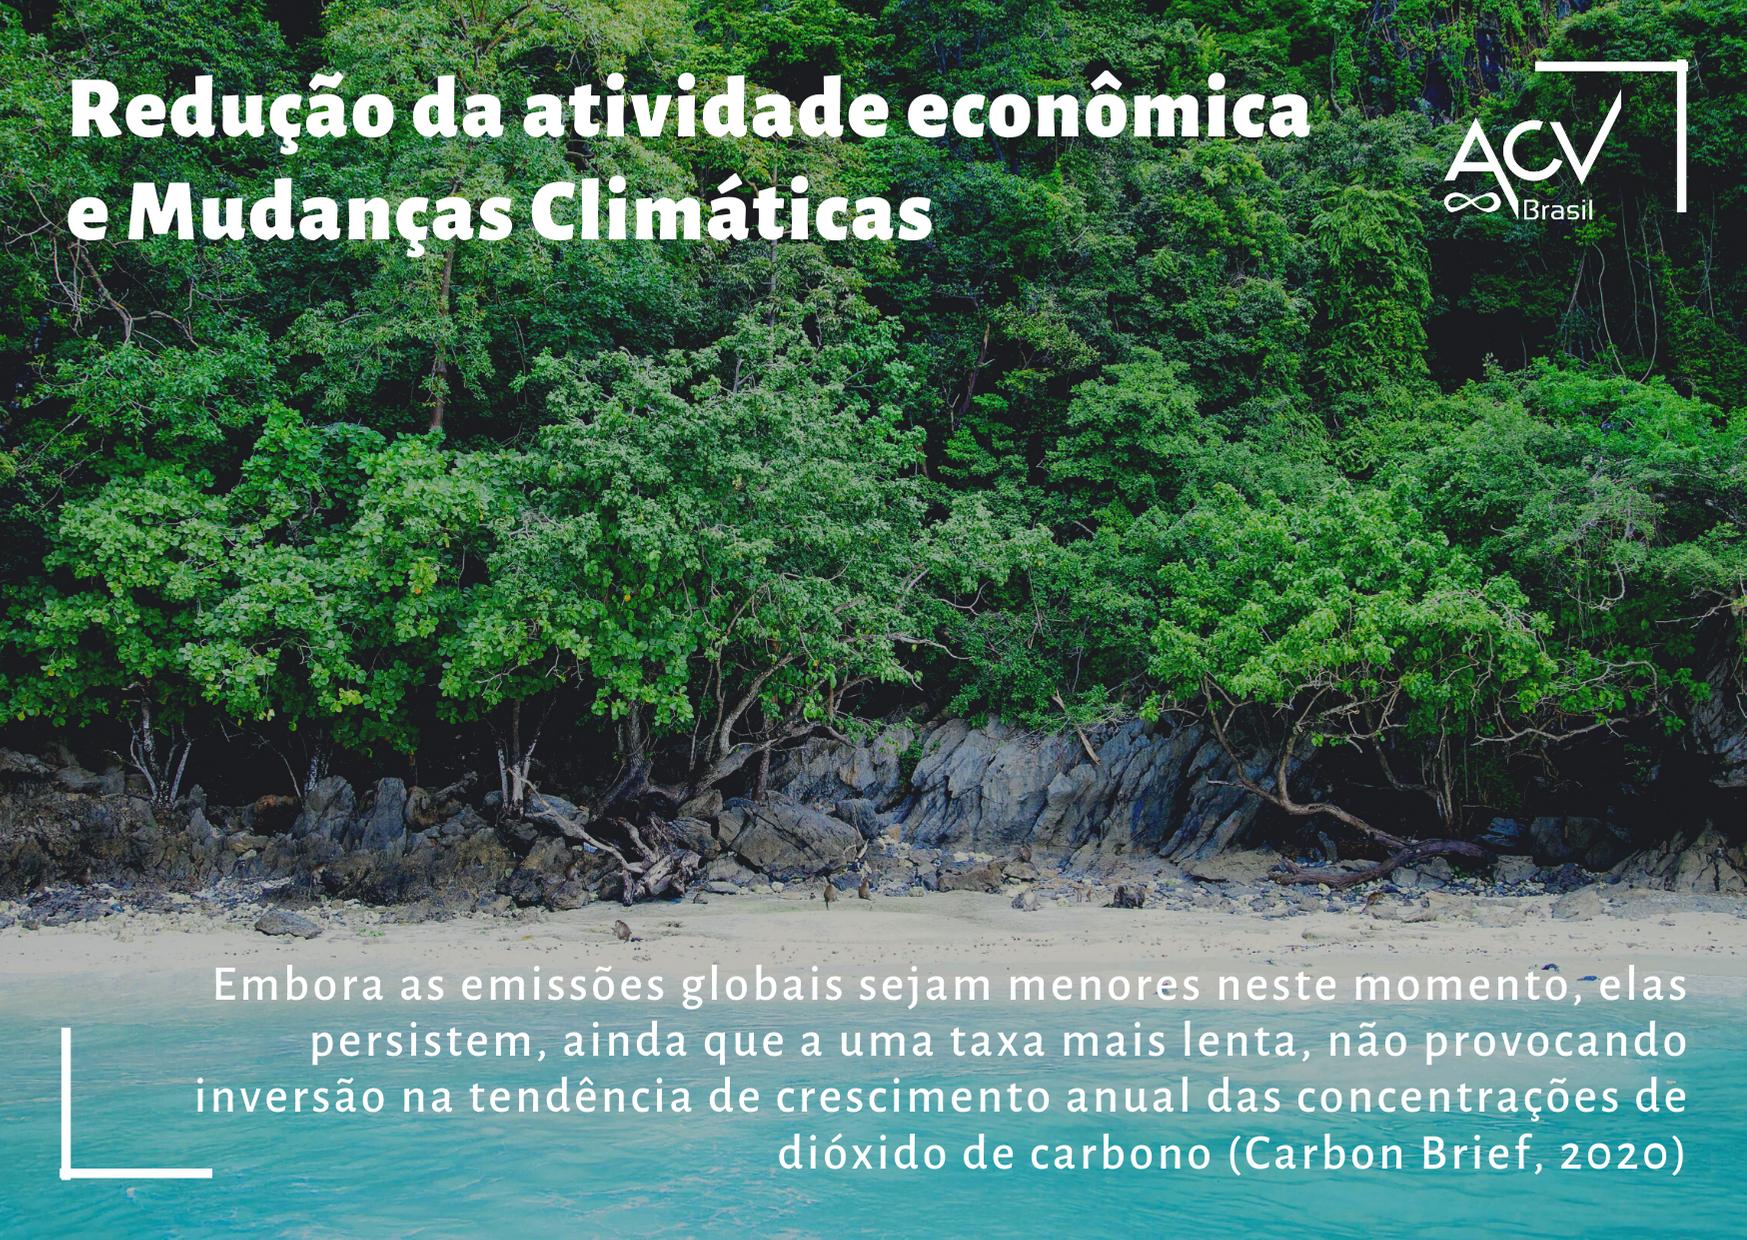 Atividade econômica e Mudanças Climáticas